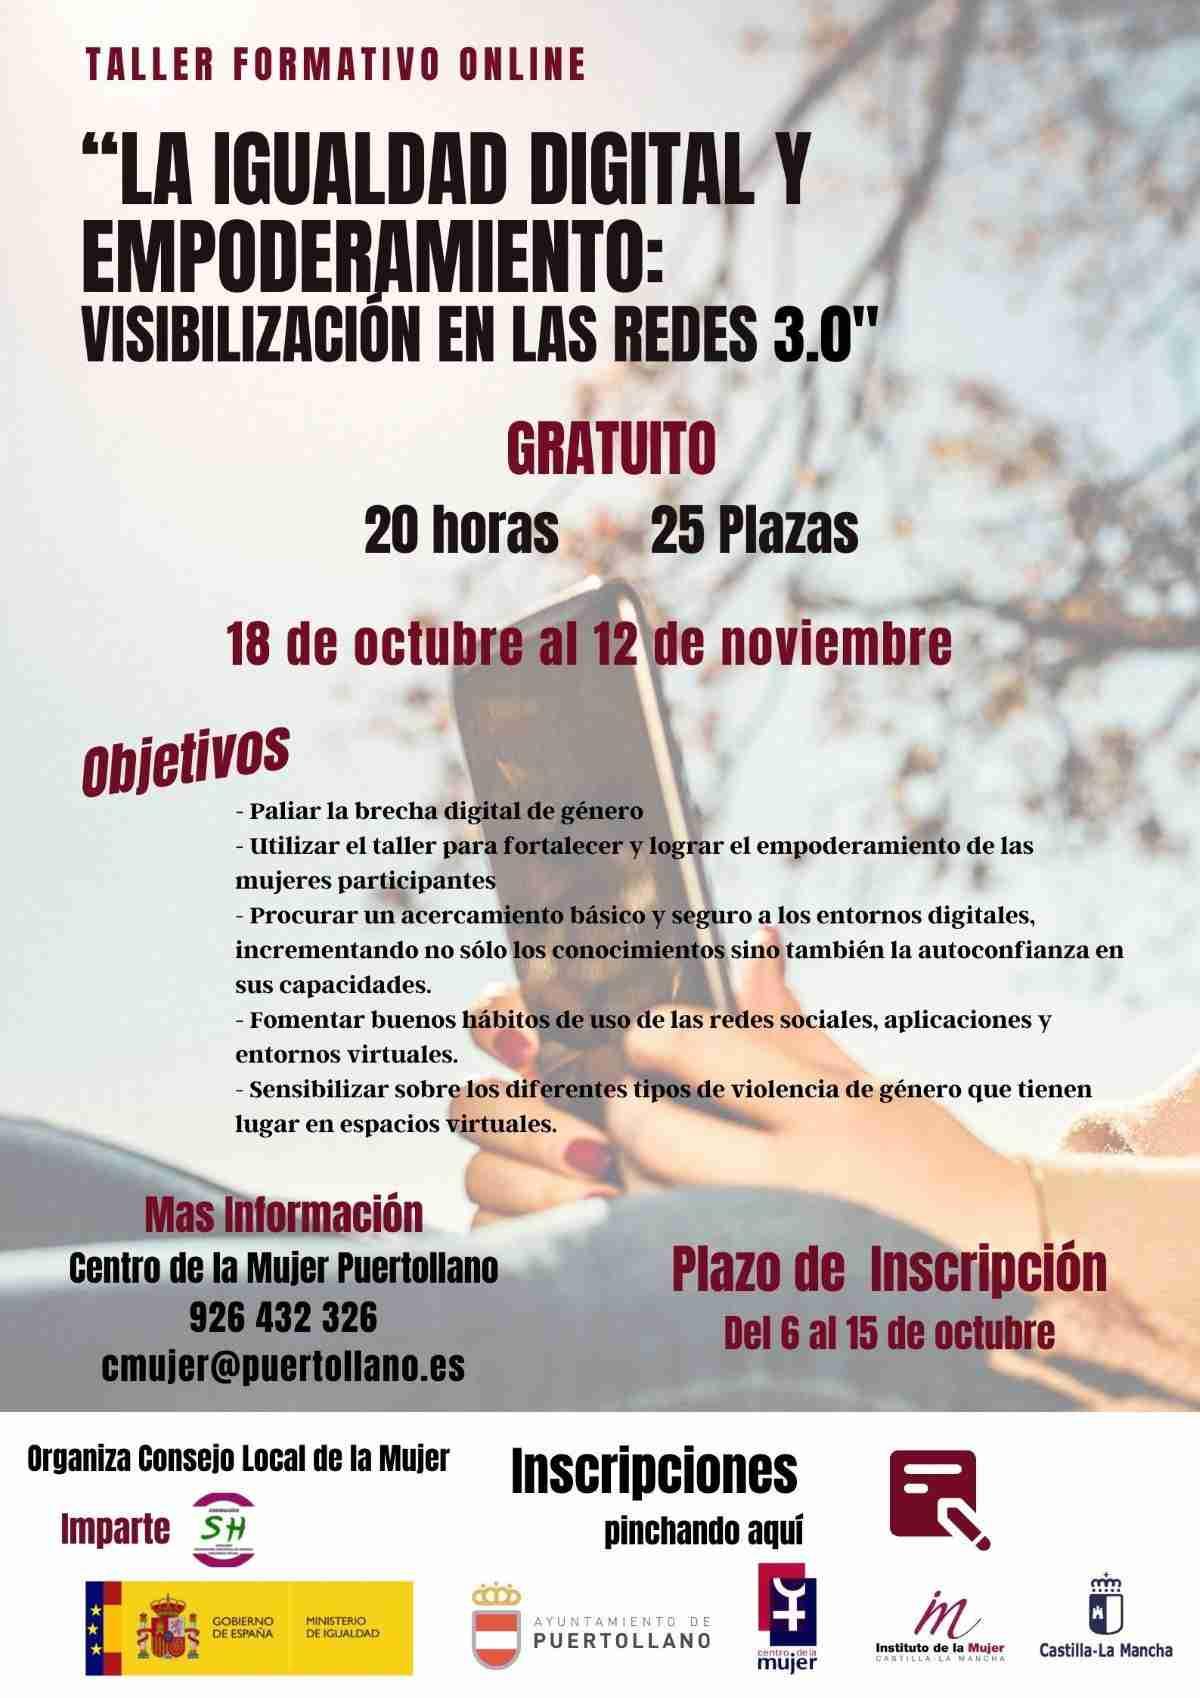 taller de igualdad visibilizacion en las redes en puertollano